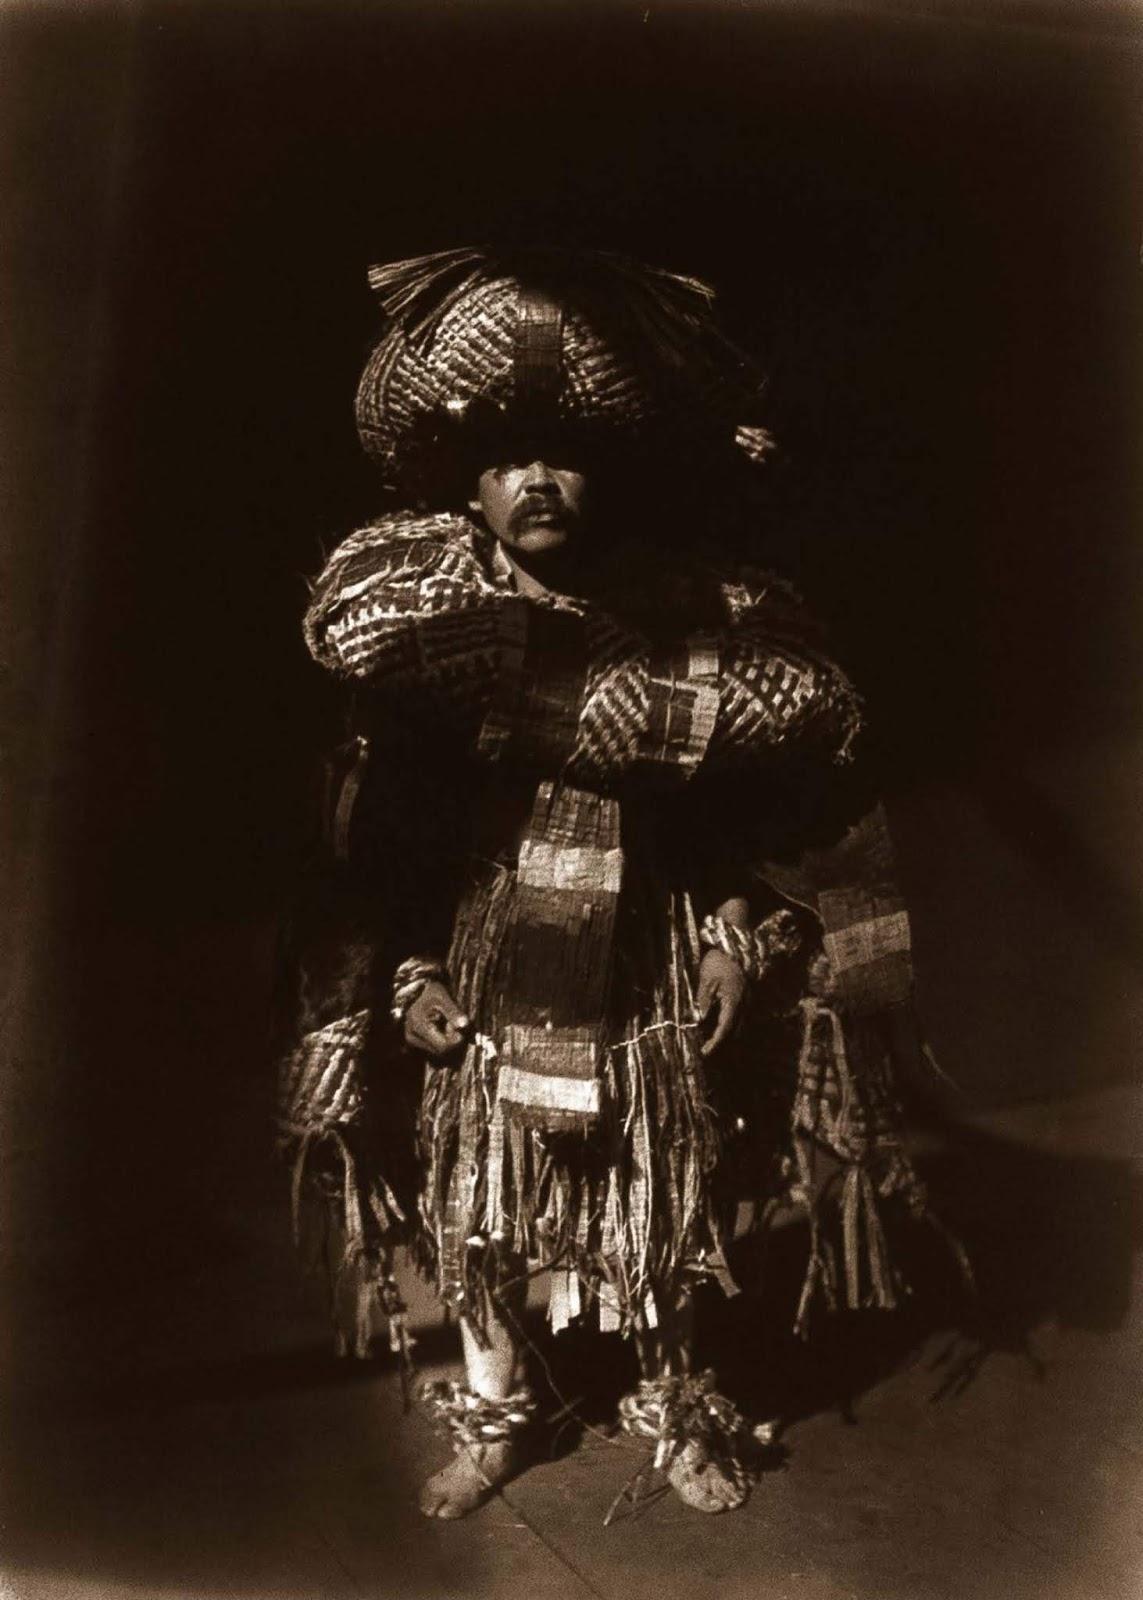 A Kwakiutl shaman. 1914.